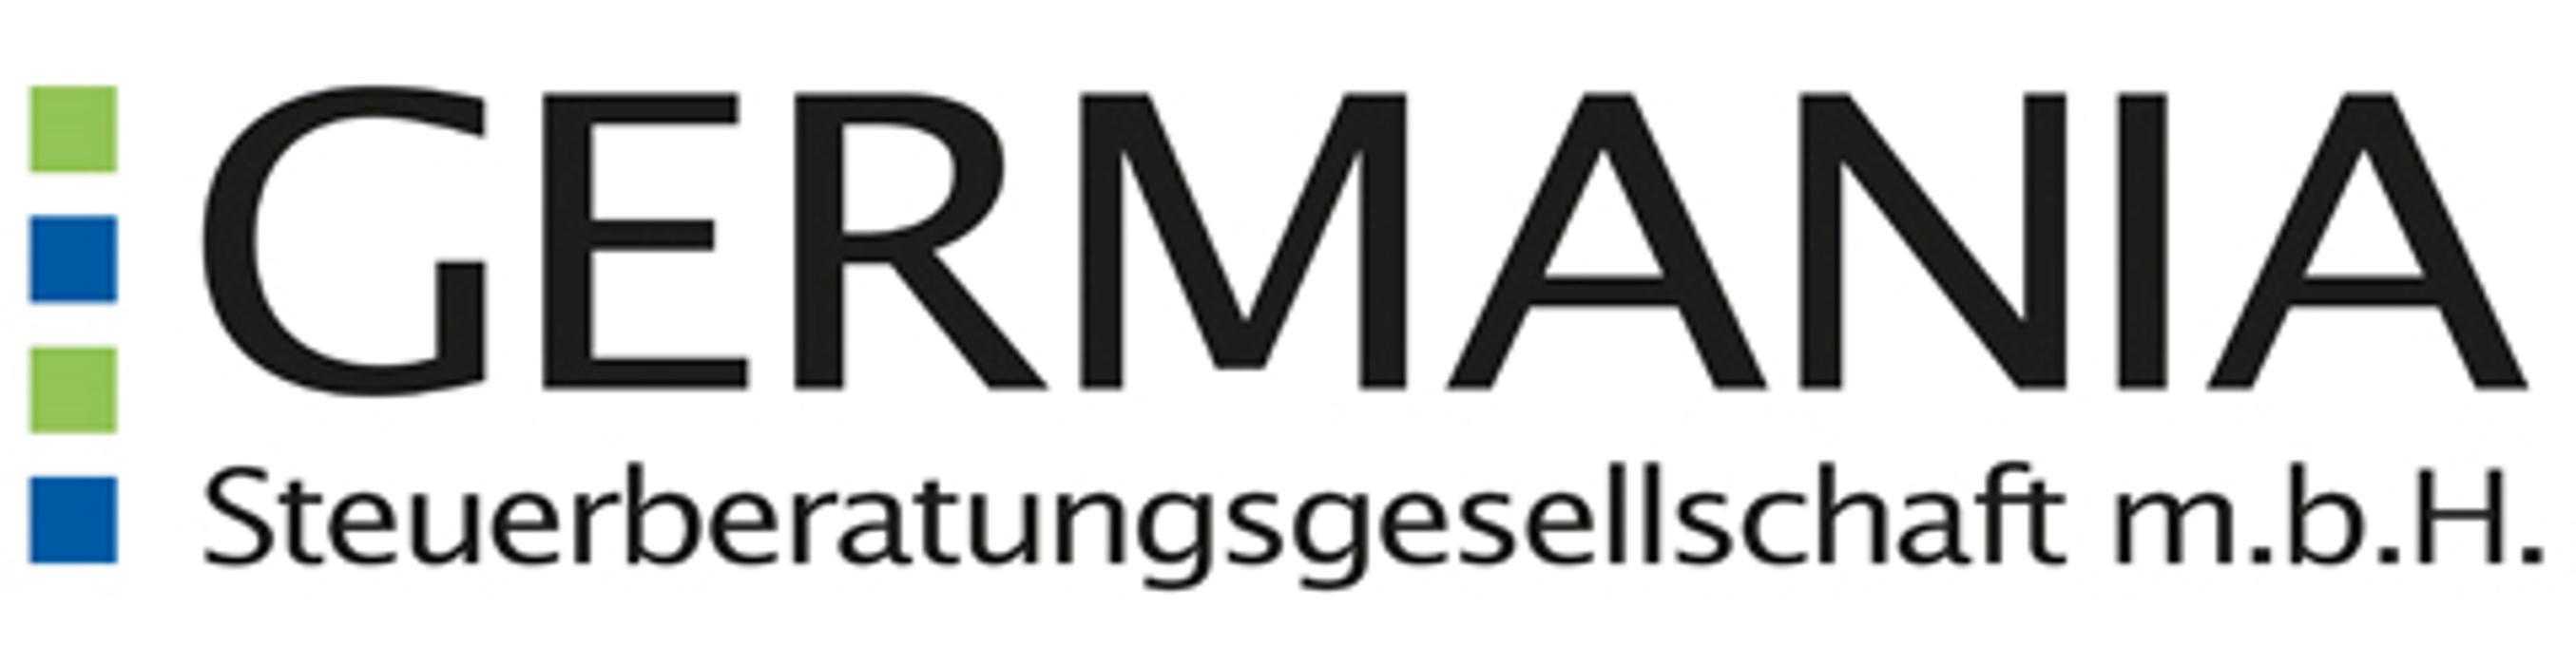 Bild zu Germania Steuerberatungsgesellschaft mbH in Schwabach